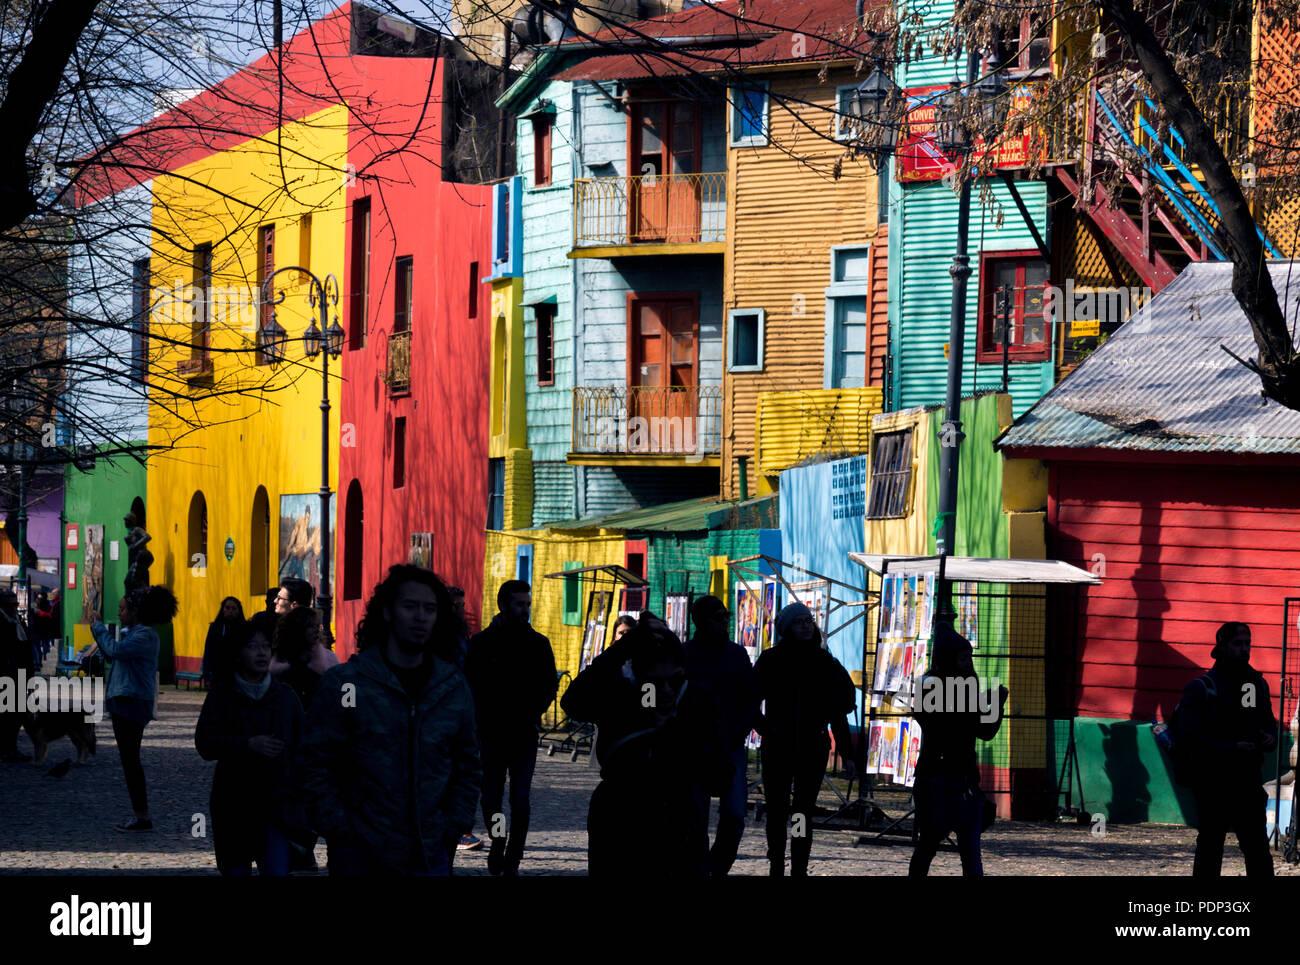 Caminito. La Boca, Buenos Aires, Argentina Immagini Stock